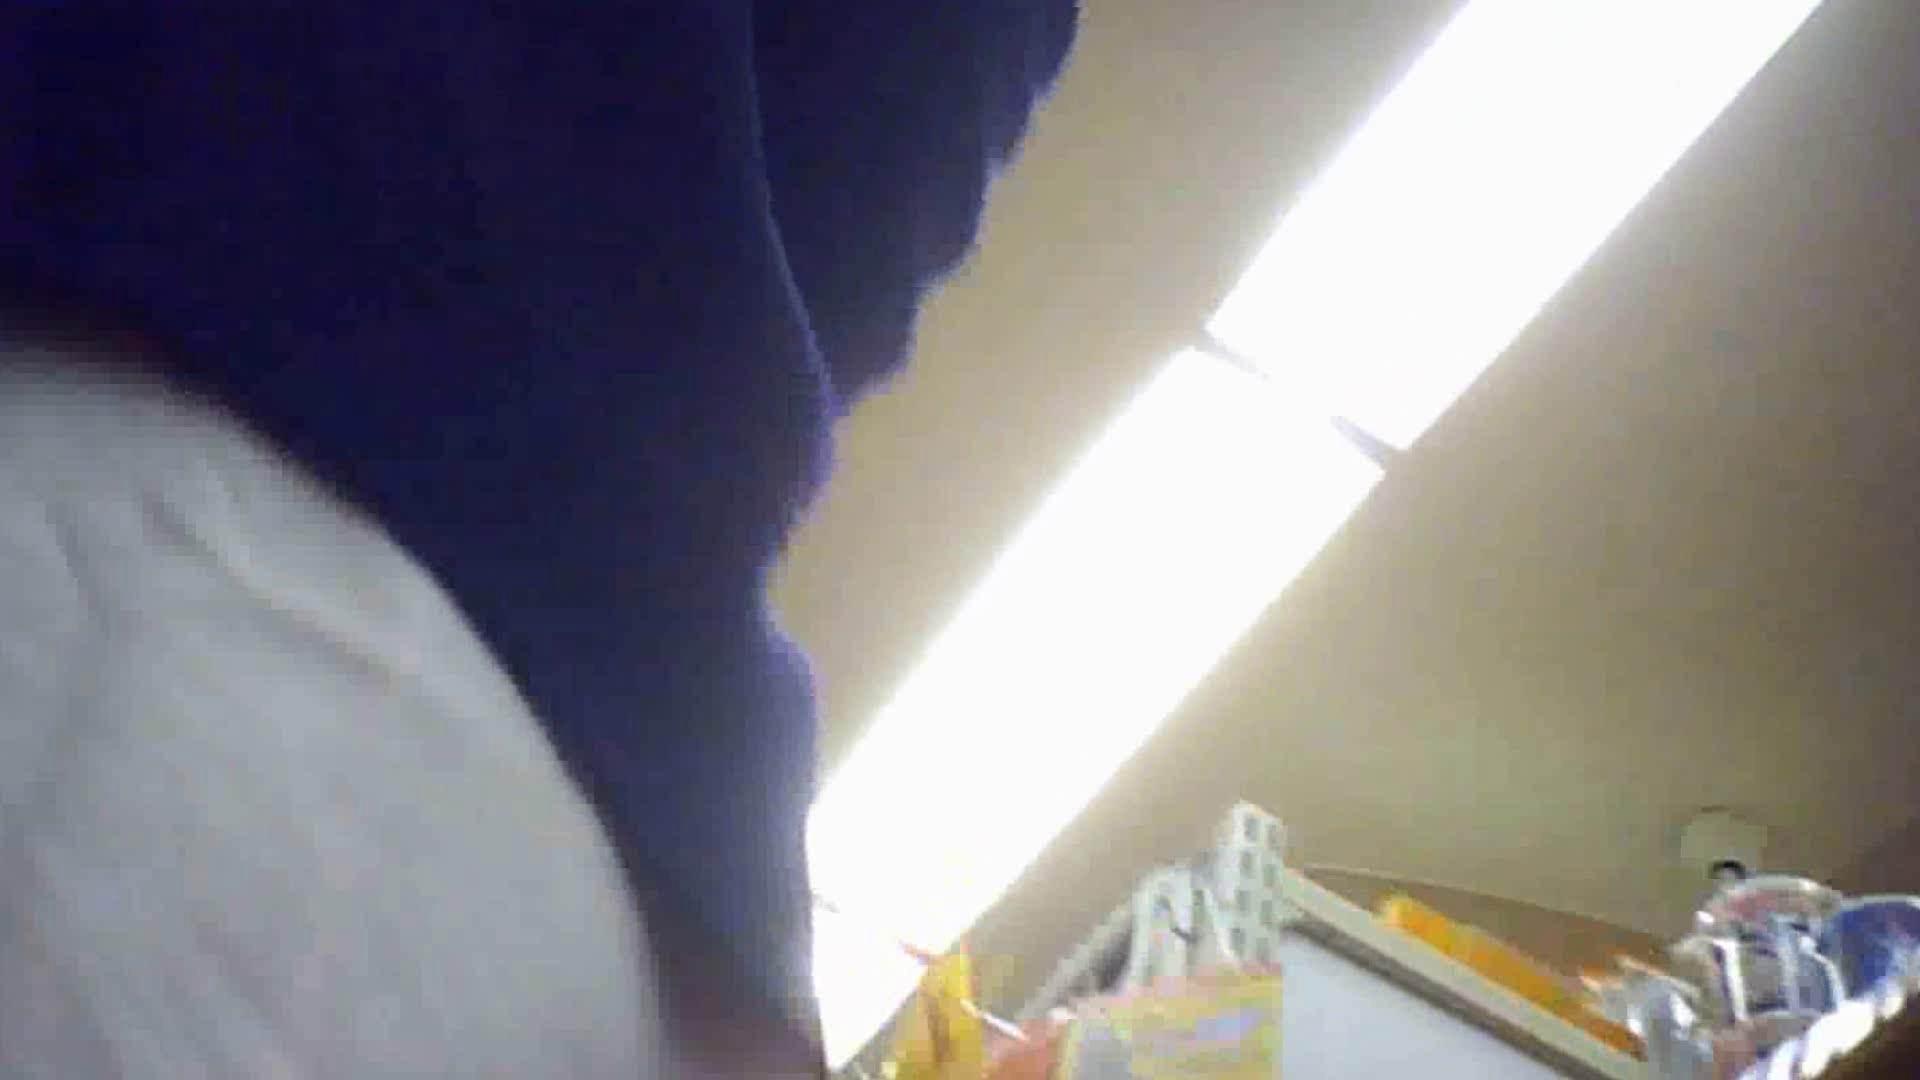 真剣に買い物中のgal達を上から下から狙います。vol.10 JK流出のぞき  103枚 66